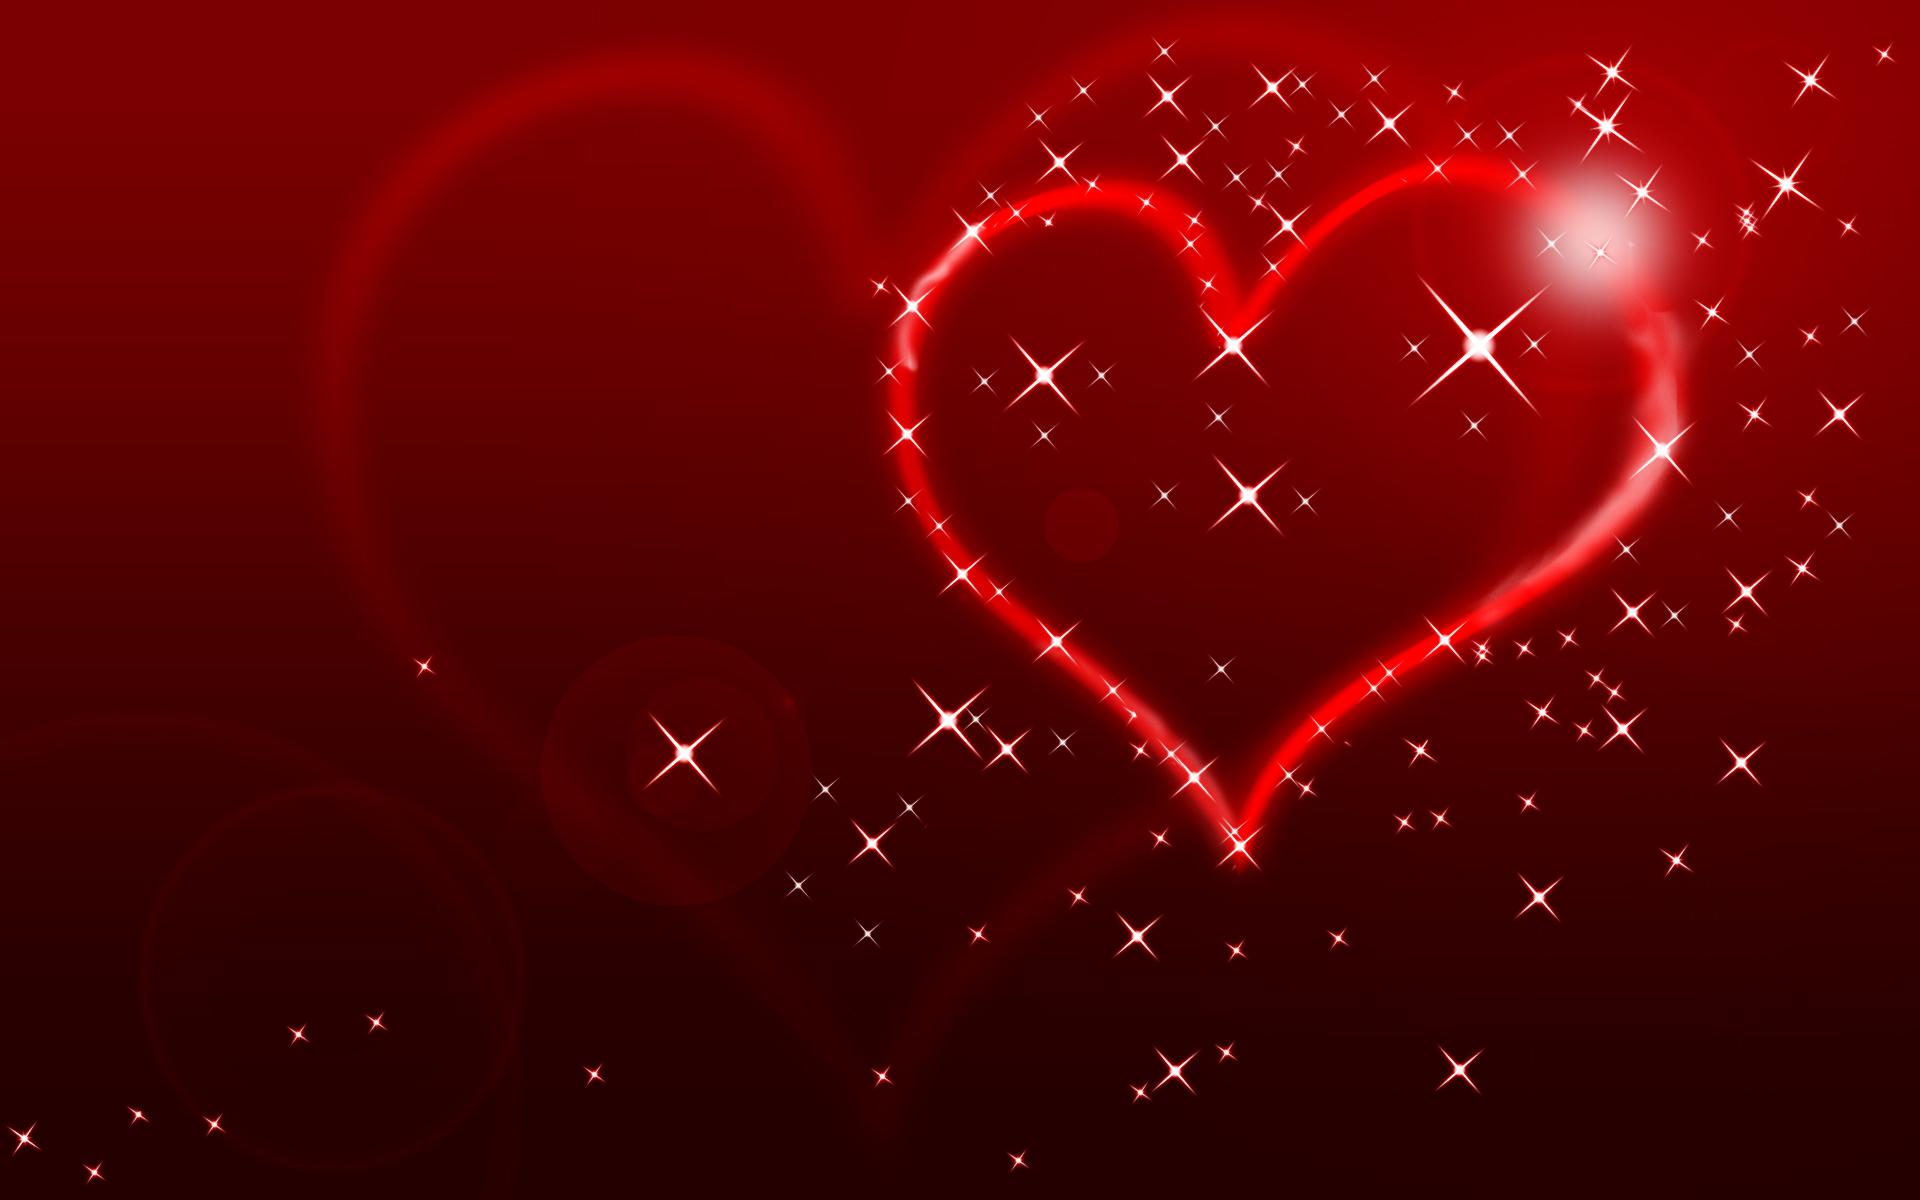 Heart Valentine 2016 background 1920x1200